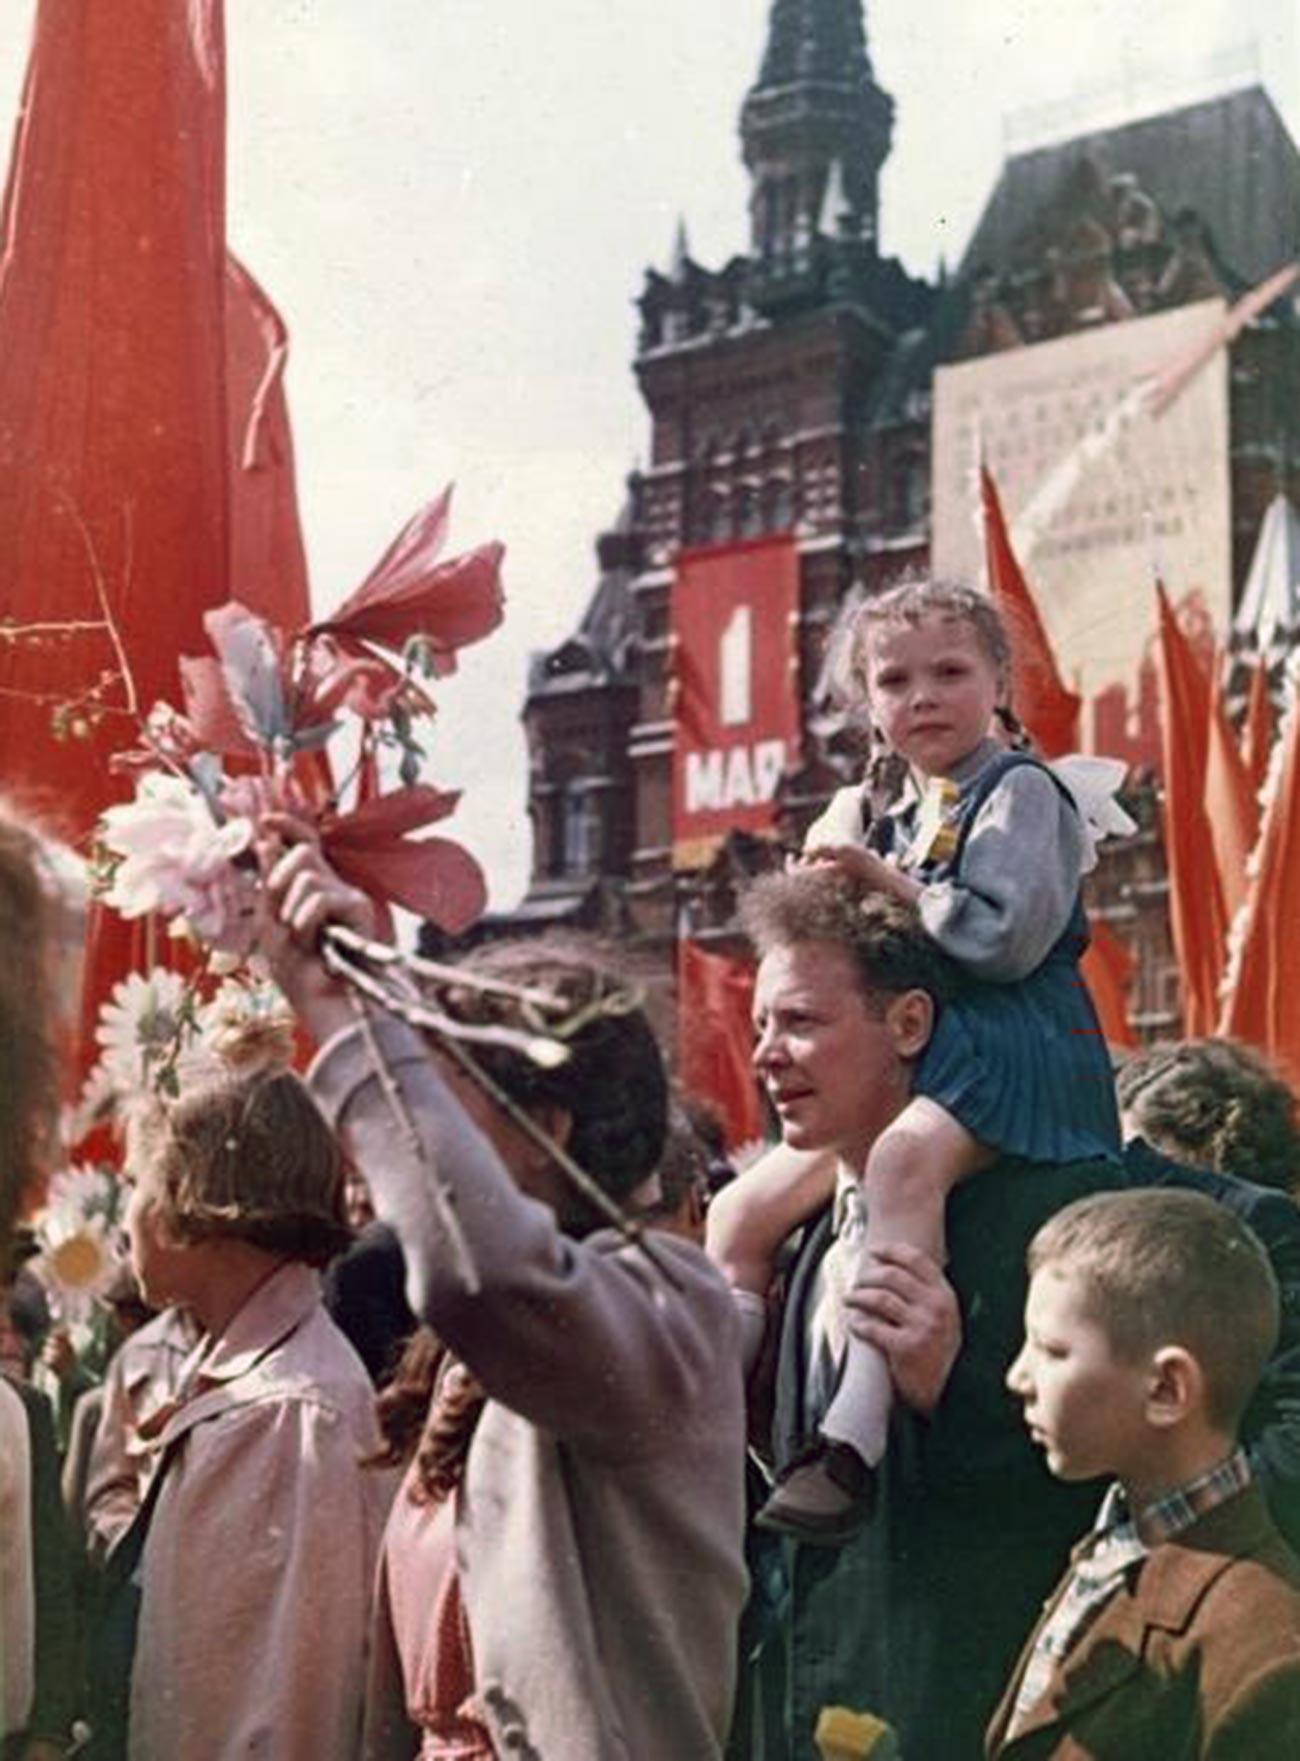 Manifestation du 1er mai sur la place Rouge, 1954